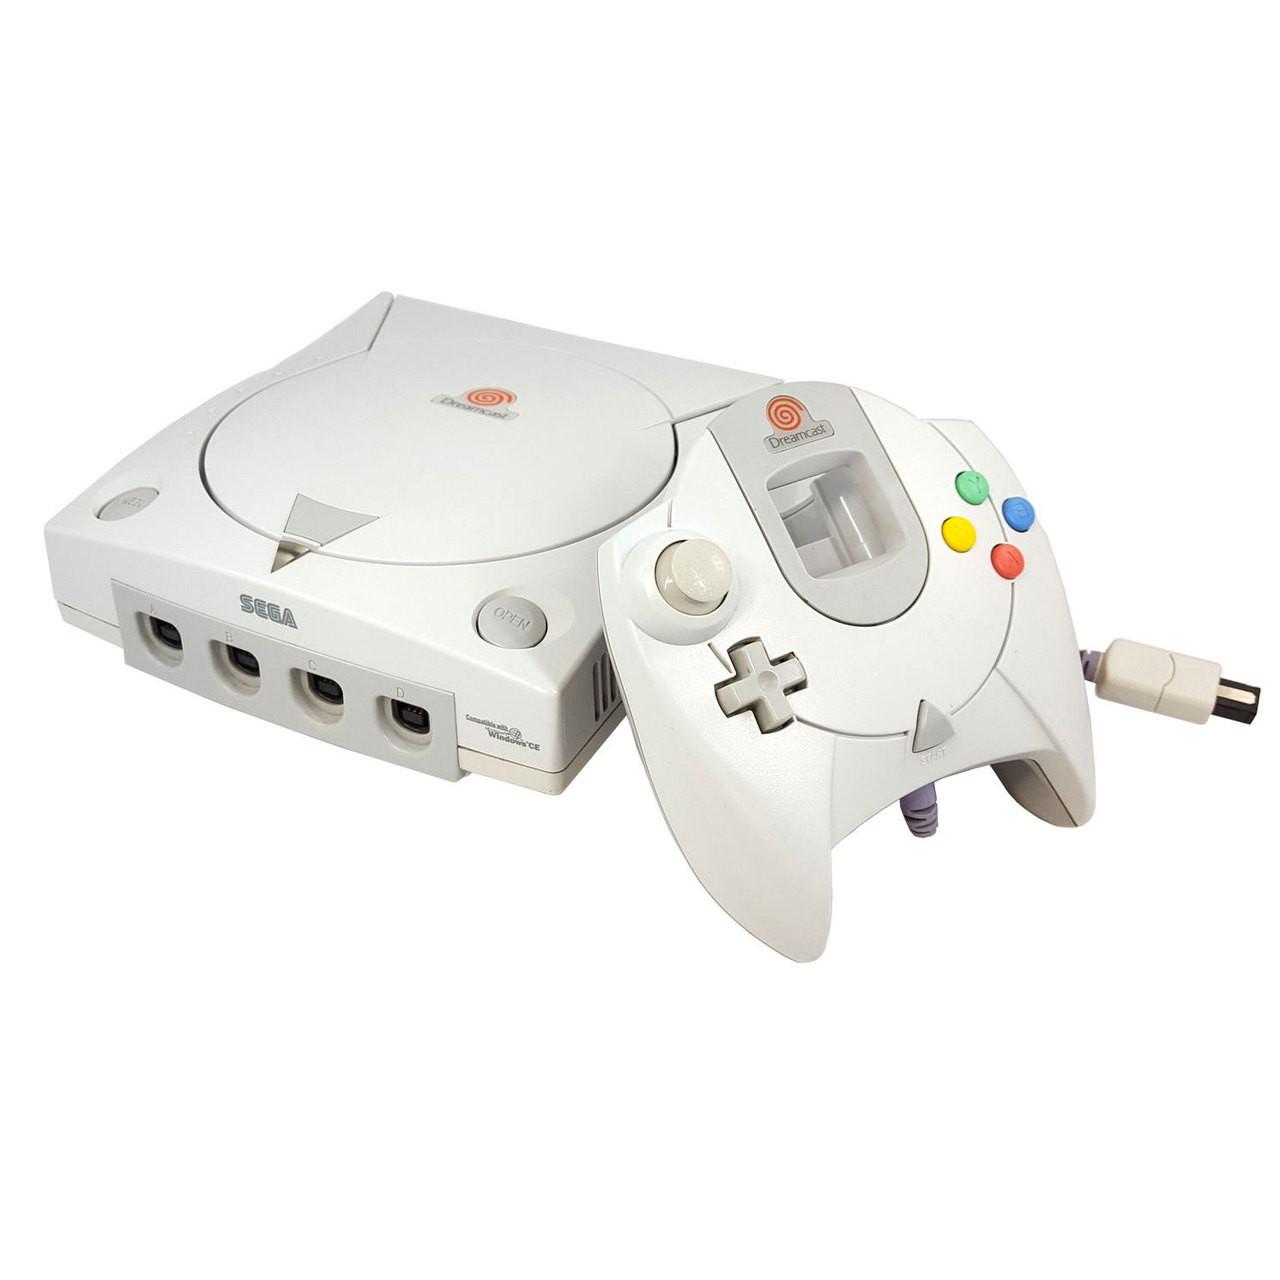 Sega Dreamcast System - White [JAPAN]